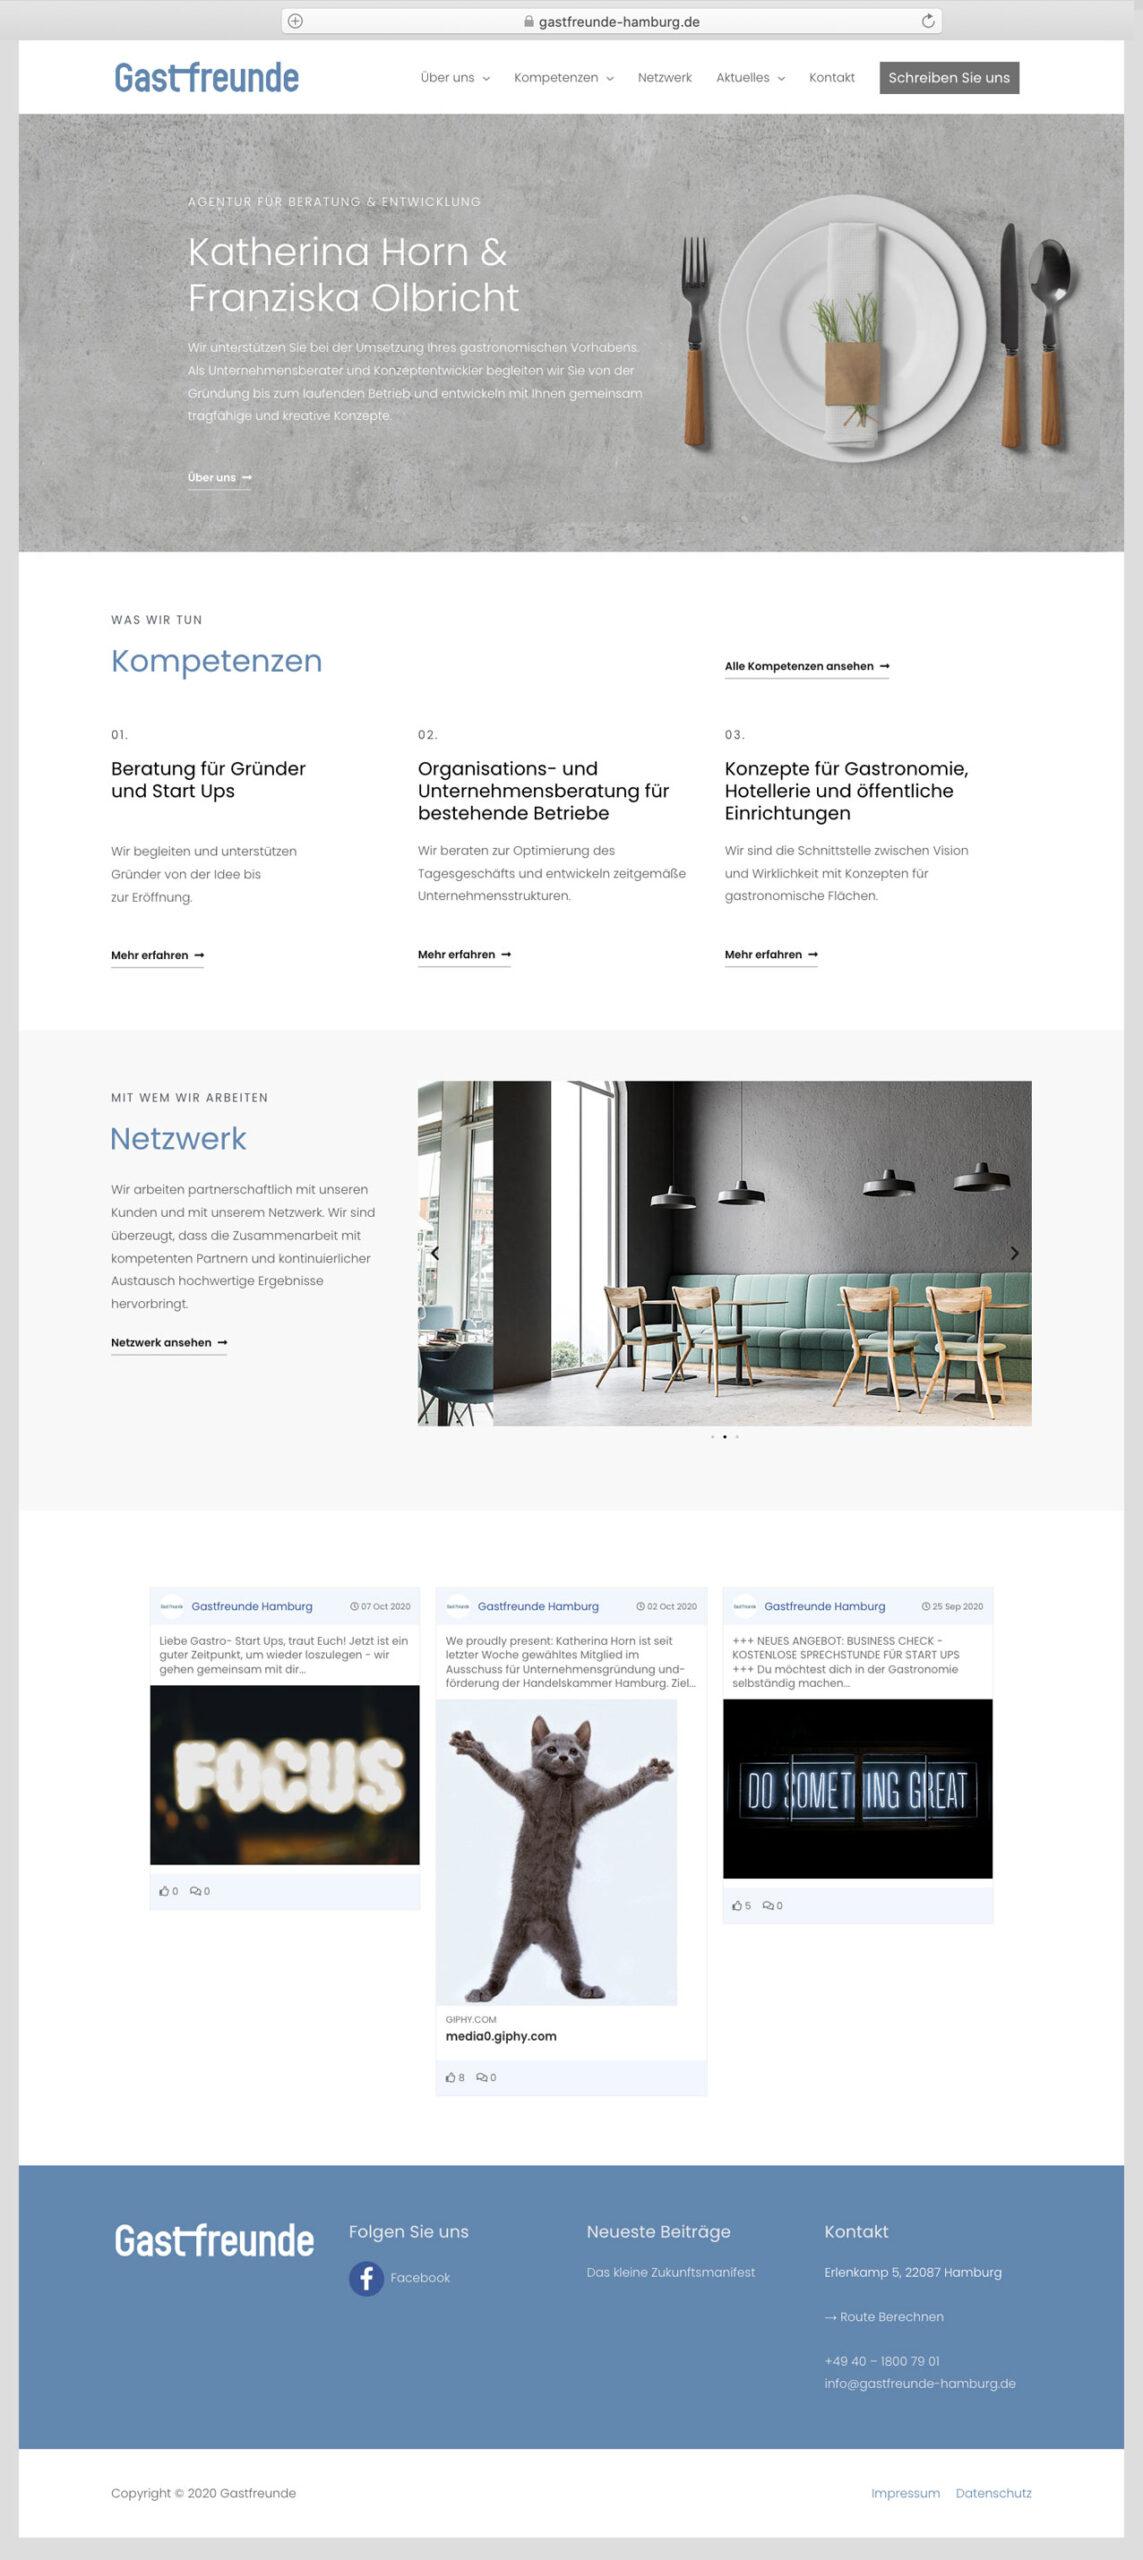 Musterwebseite -Gastfreunde UG, Madeleine Möhlmann Grafik- und Webdesign aus Hamburg